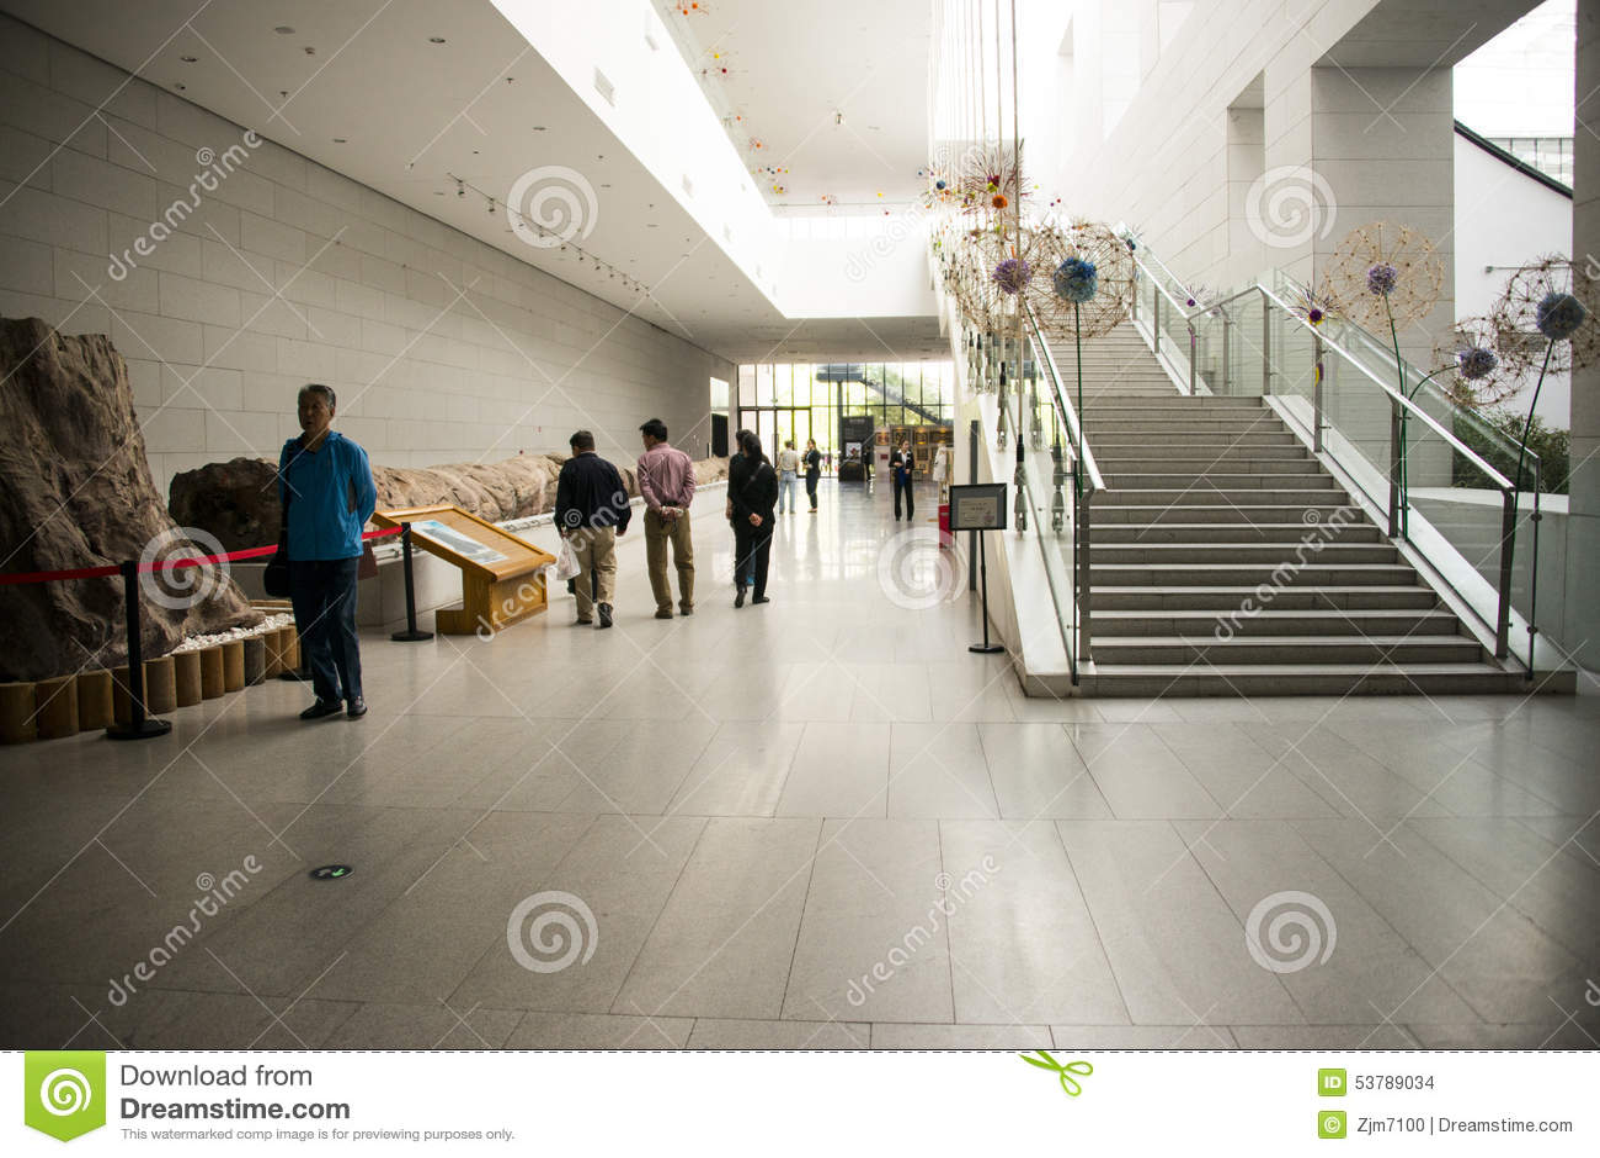 Azja chińczyk, Pekin, Chiny Ogrodowy muzeum, salowa powystawowa sala